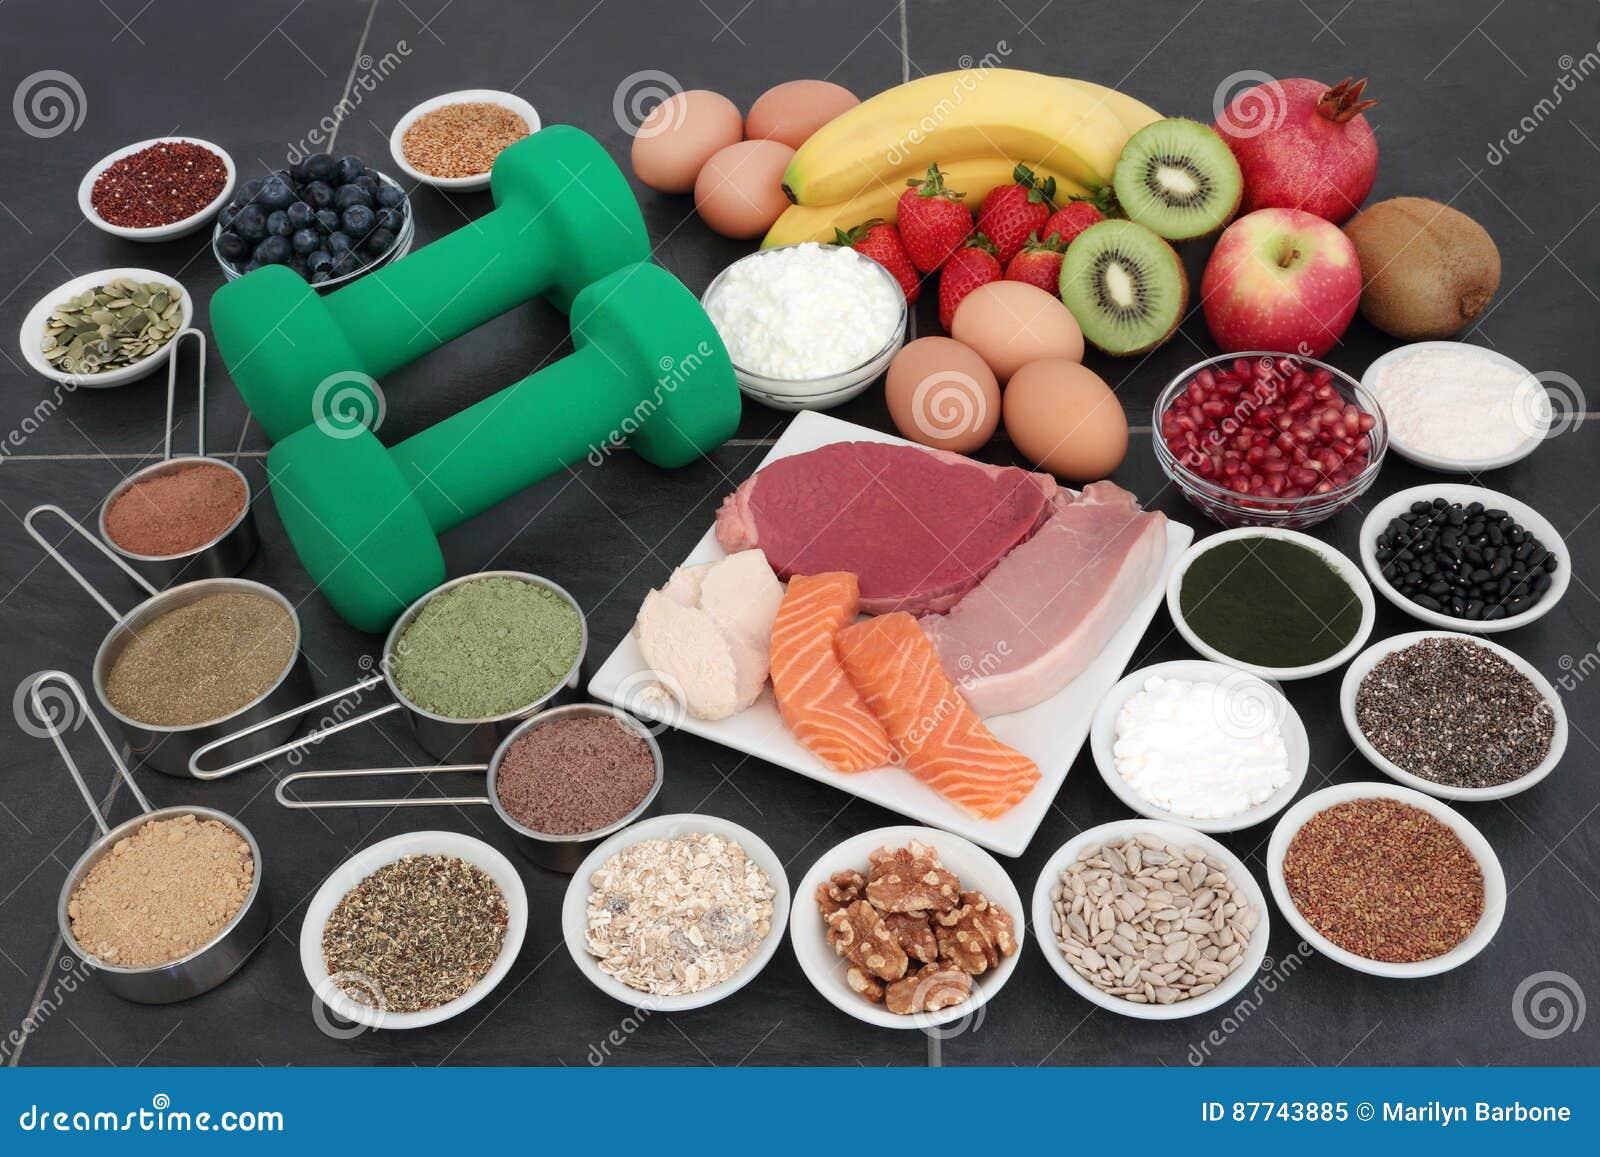 Biokost für Bodybuilder